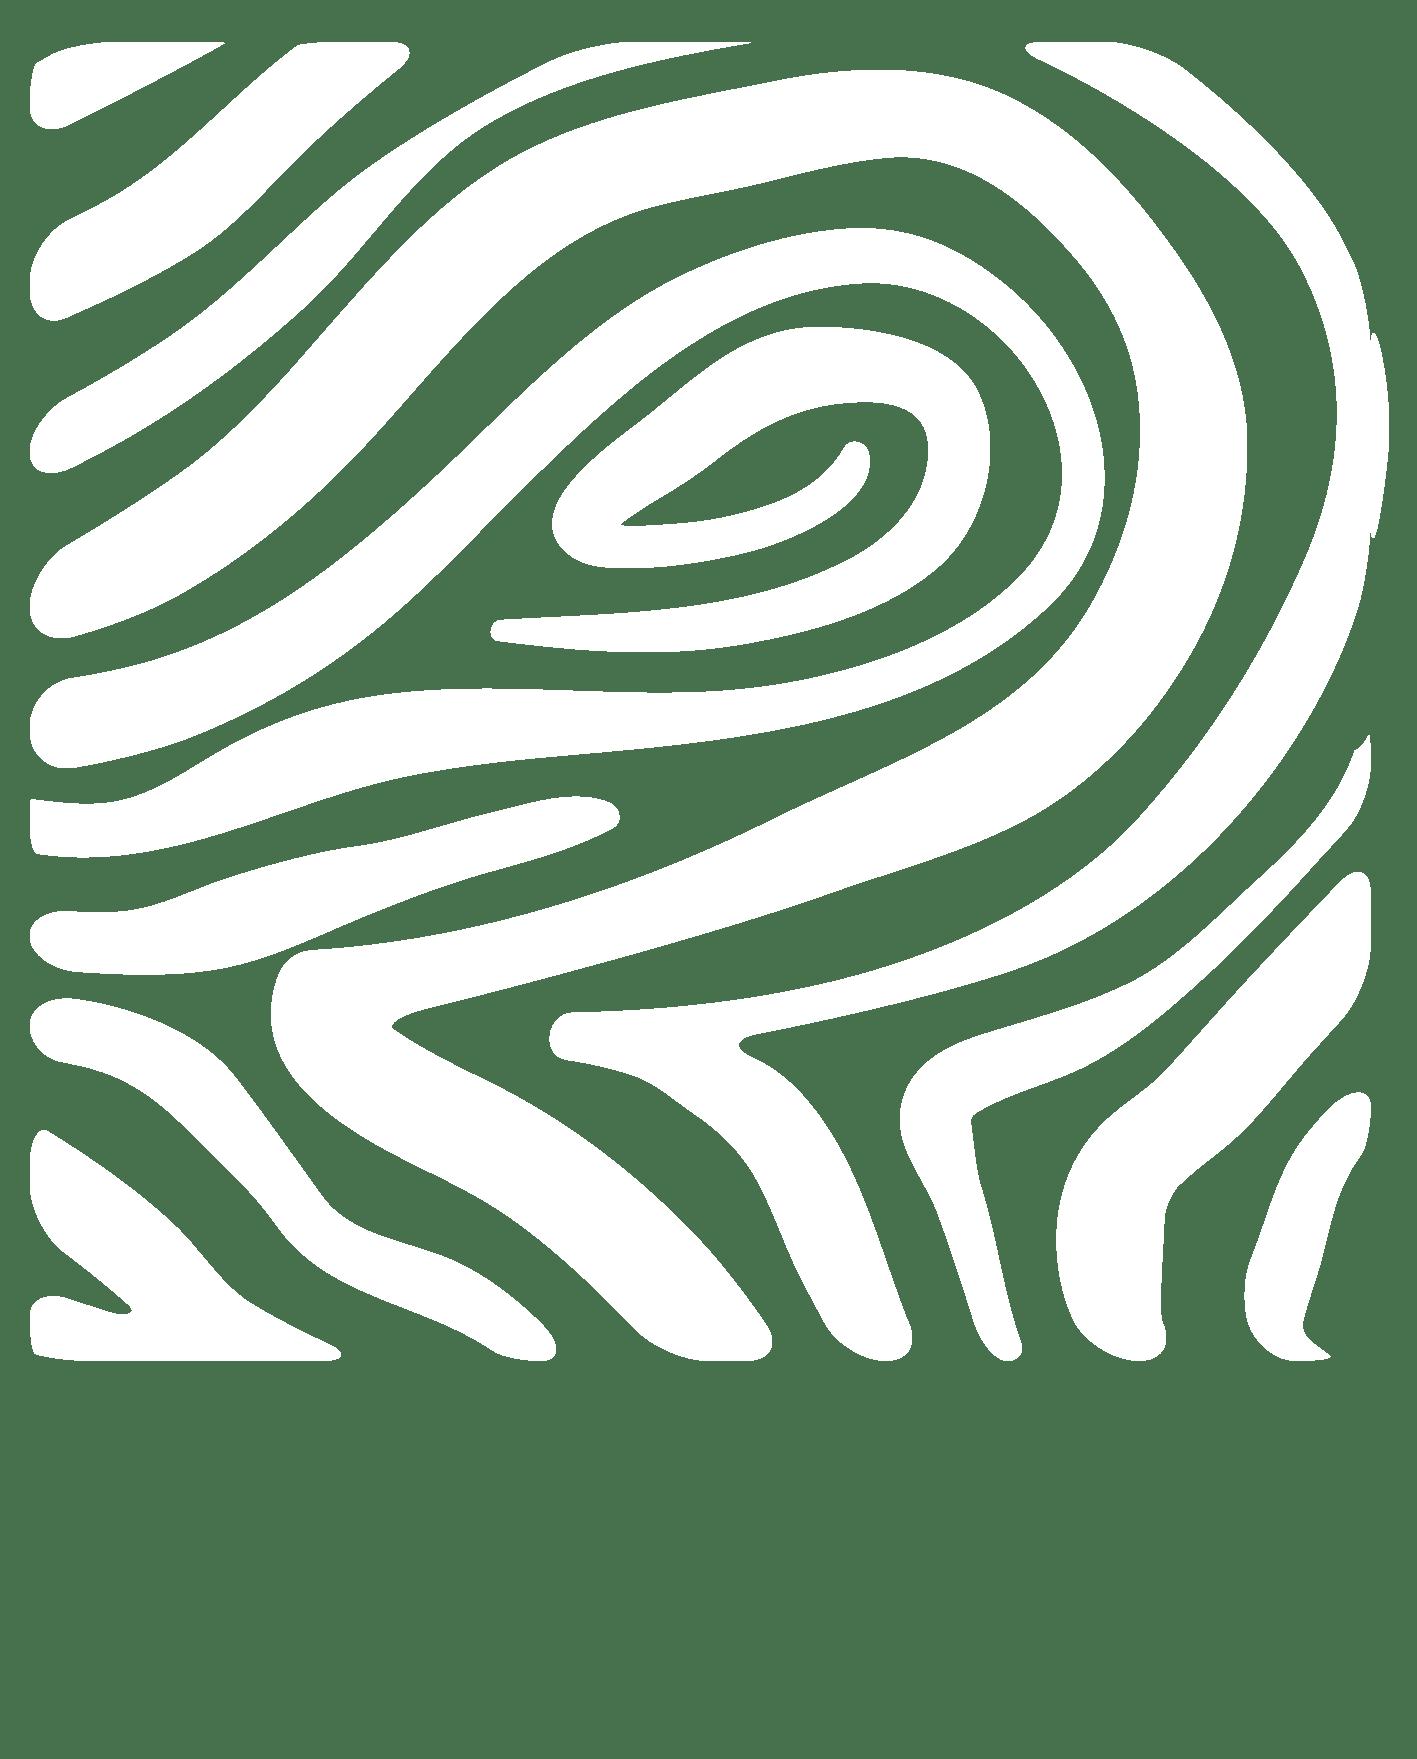 logoreduit1 - MAN ITSELF - Spécialiste des produits de soin visage, rasage, corps, cheveux, bouche, accessoires et idées cadeaux homme